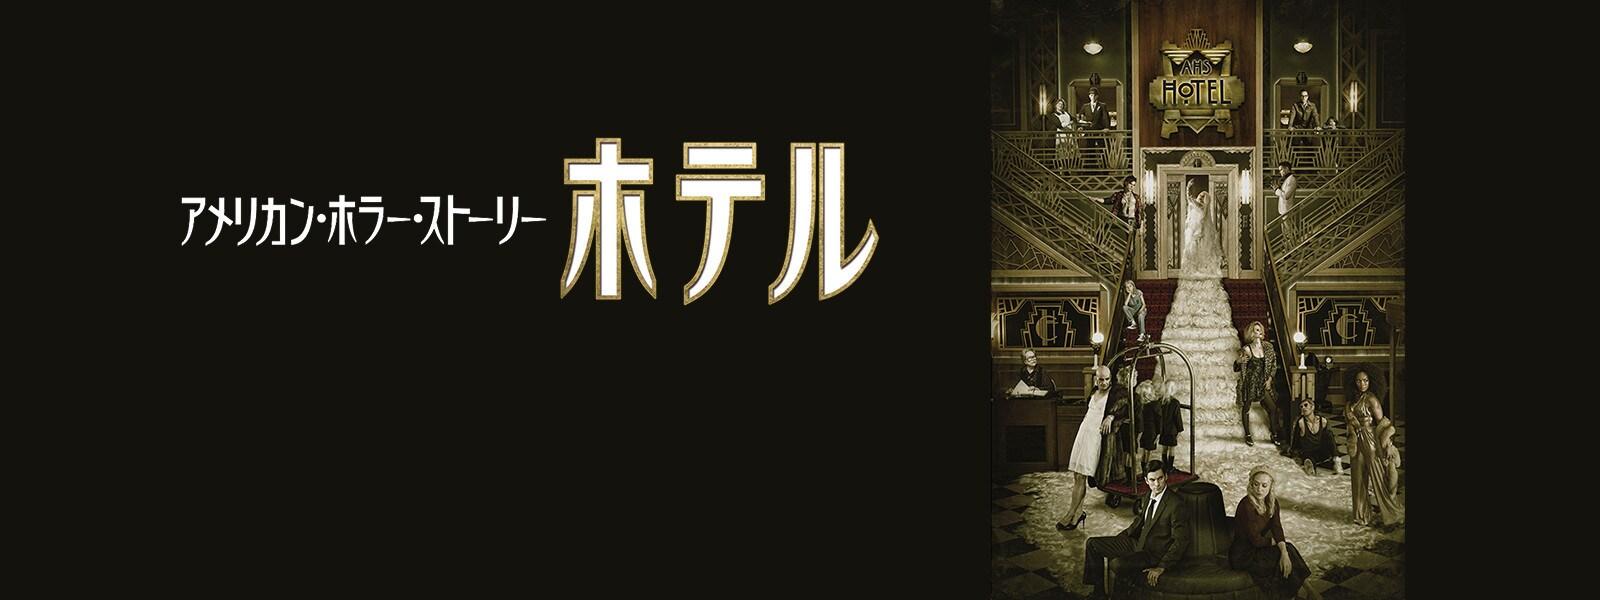 アメリカン・ホラー・ストーリー:ホテル(シーズン5)|American Horror Story: Hotel Hero Object